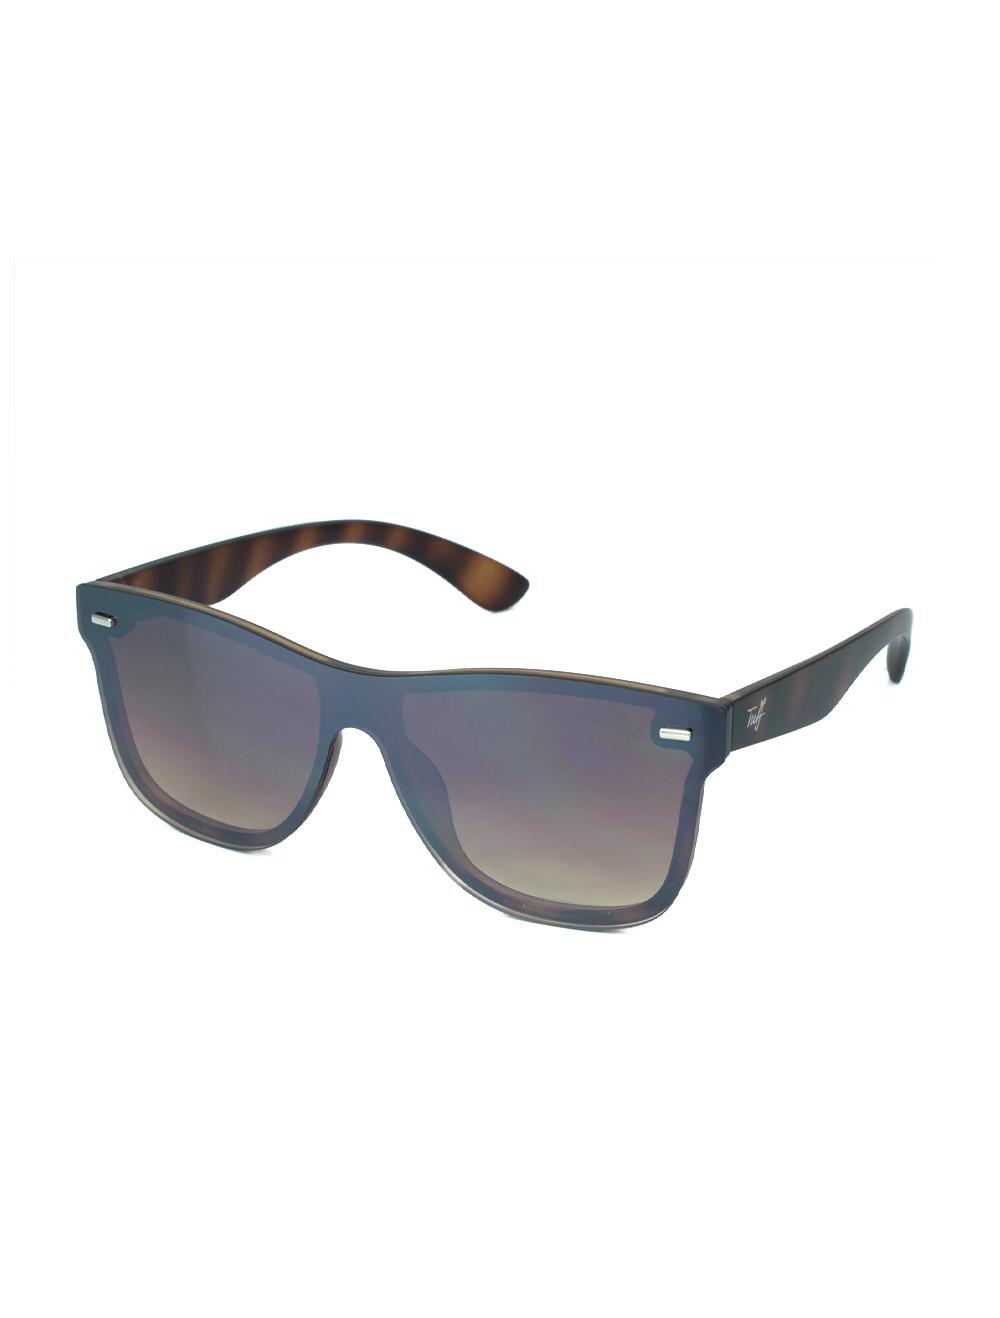 Sunglasses Quadrado Degradê Marrom